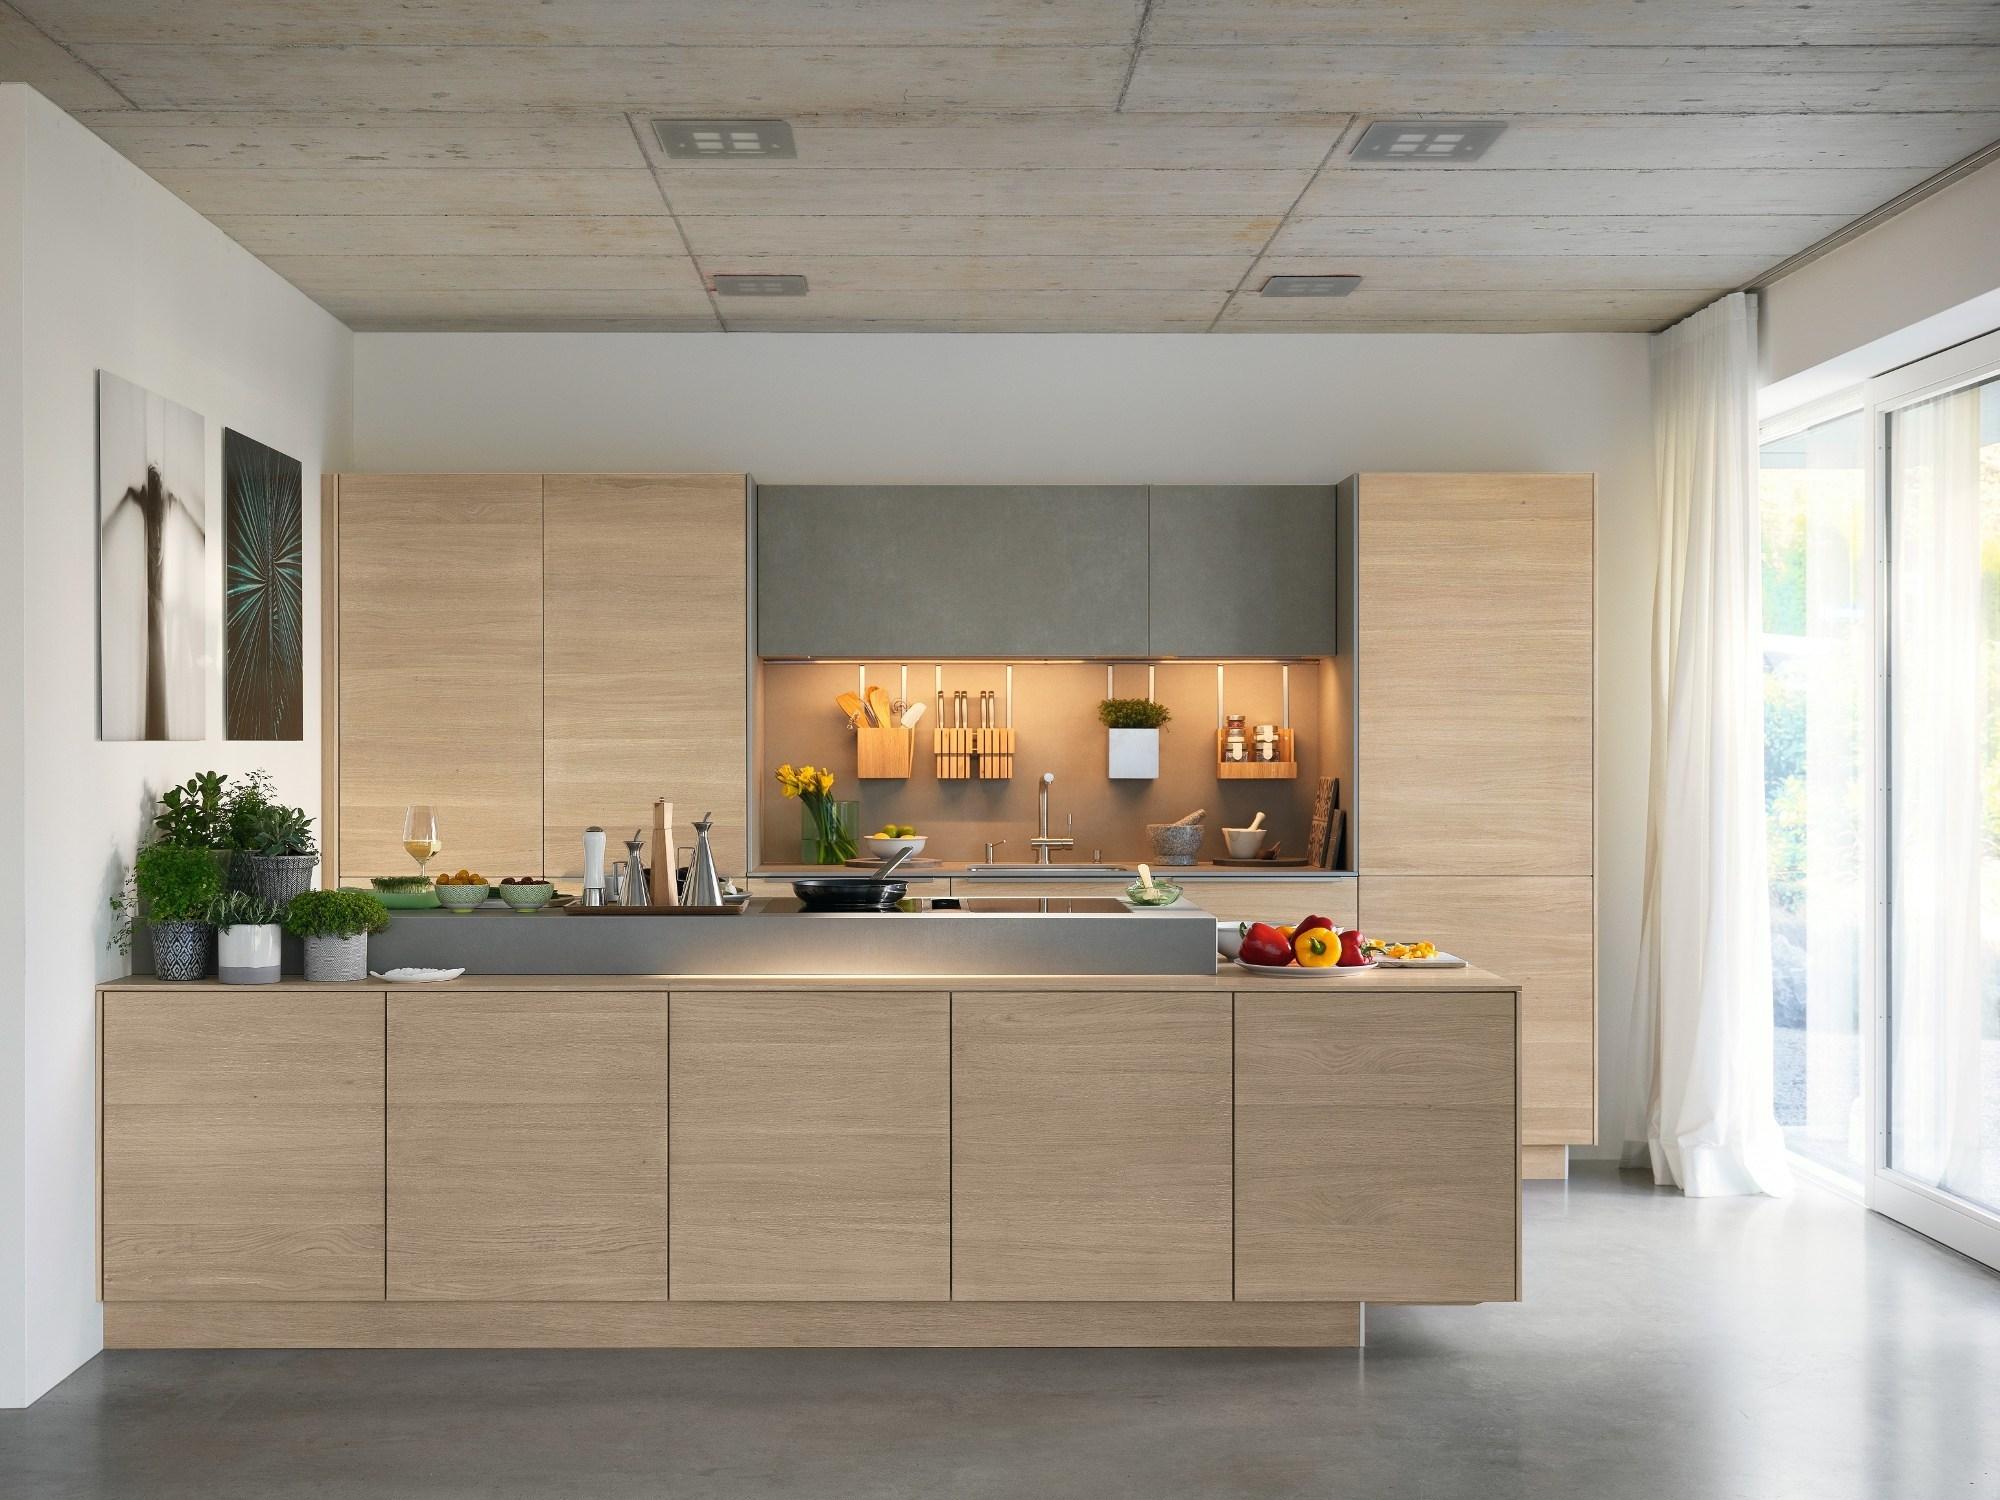 filigno Küche von TEAM 7 | STYLEPARK